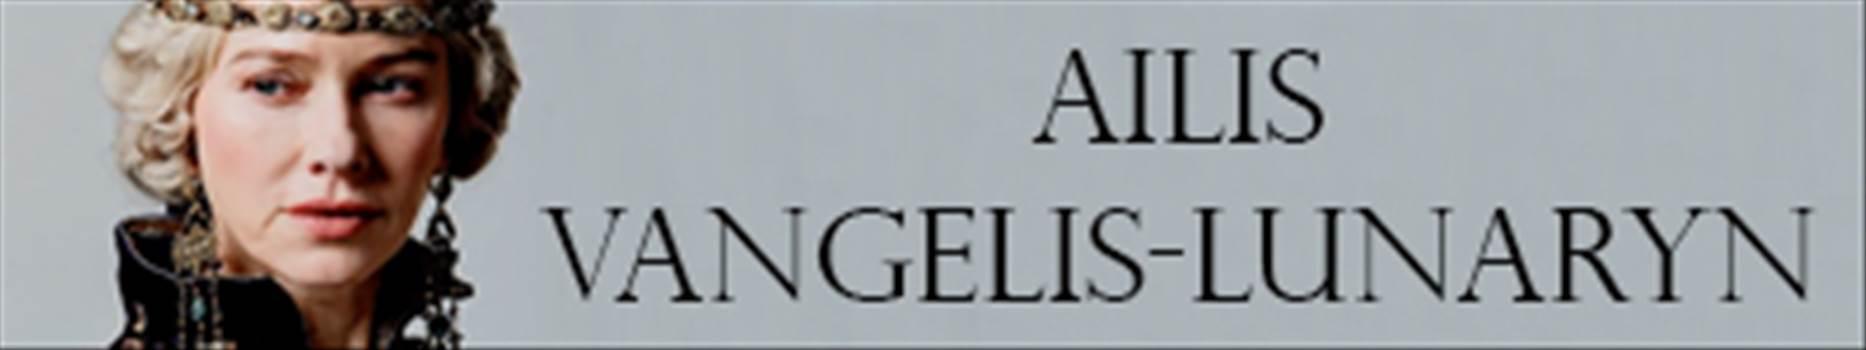 vangelis-ailis.jpg by shoresofelysium